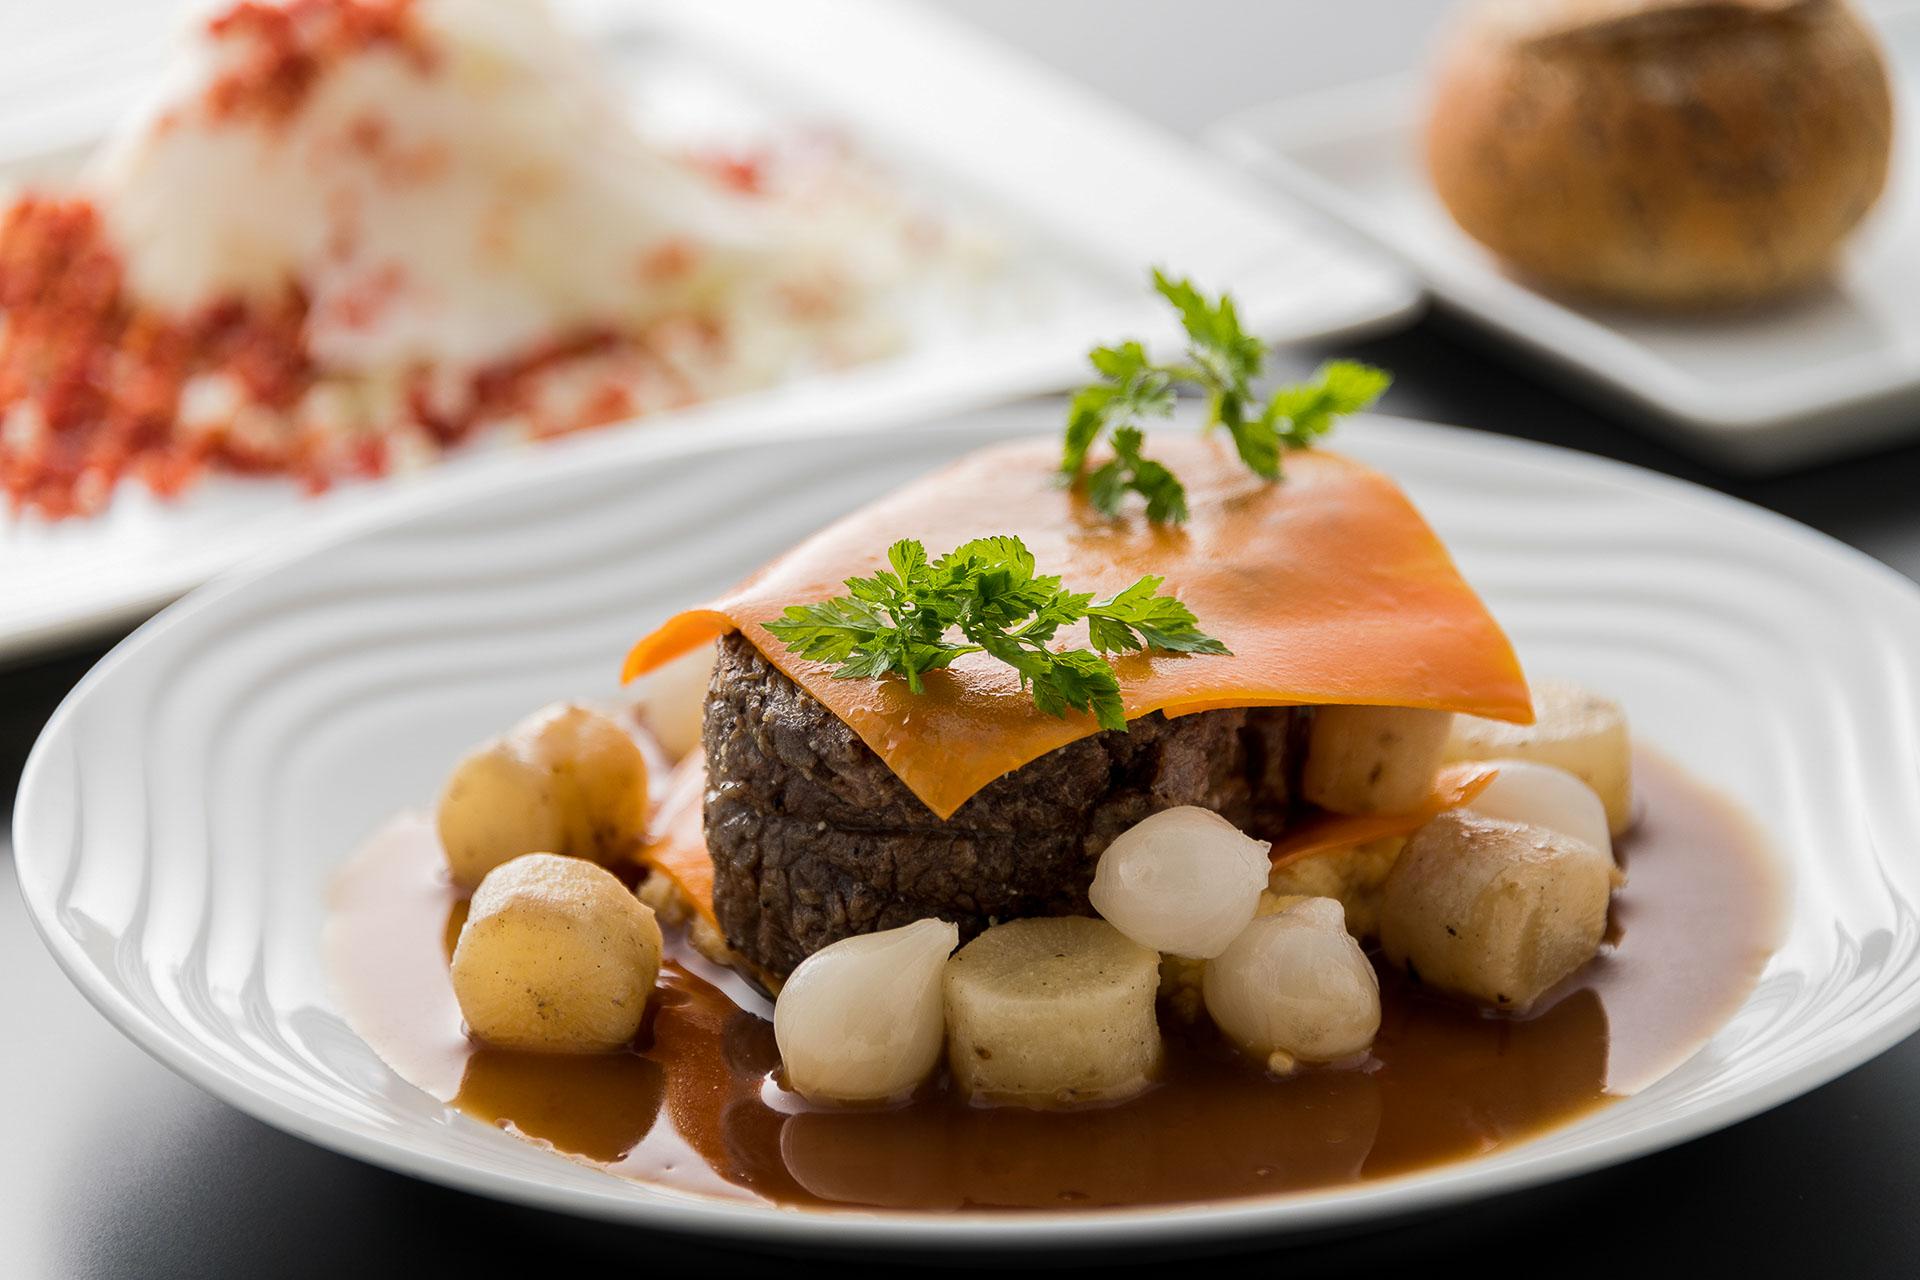 Joue de bœuf braisée, un confit de carottes avec sa sauce braisée © DR